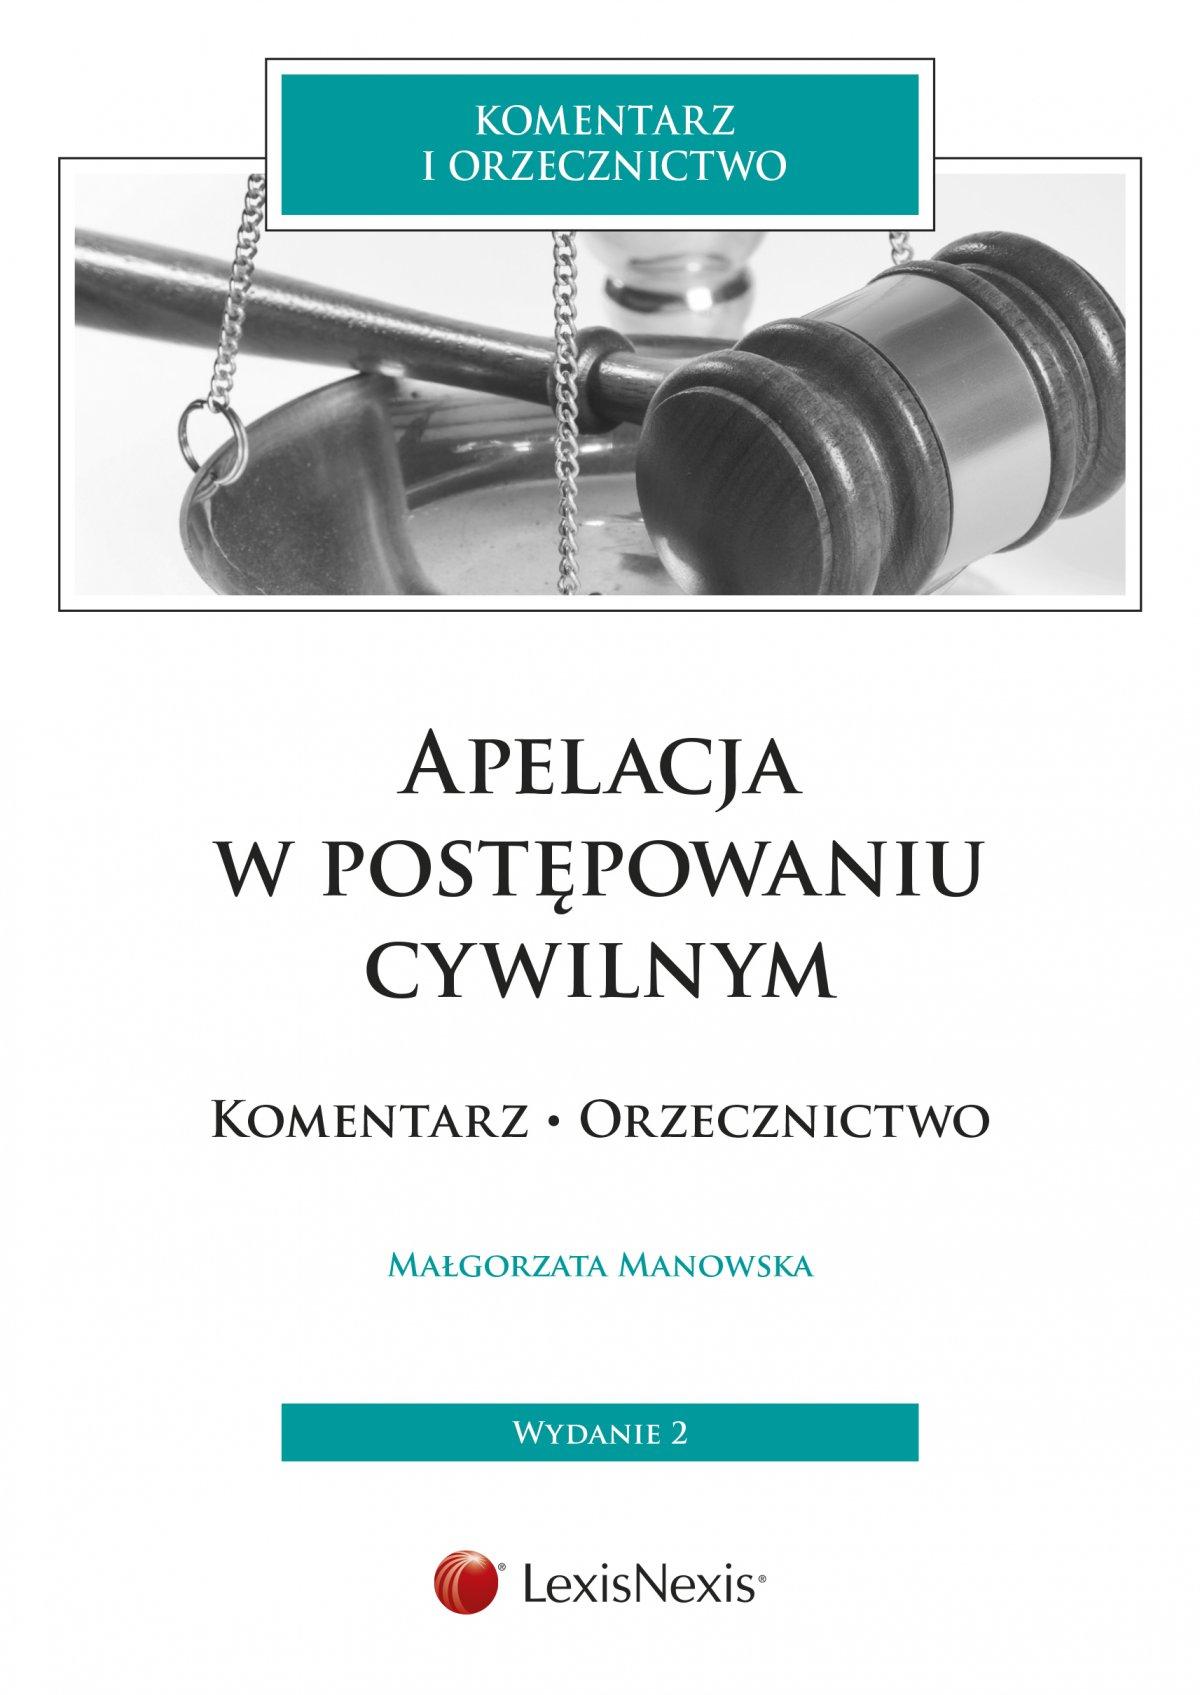 Apelacja w postępowaniu cywilnym. Komentarz. Orzecznictwo - Ebook (Książka EPUB) do pobrania w formacie EPUB